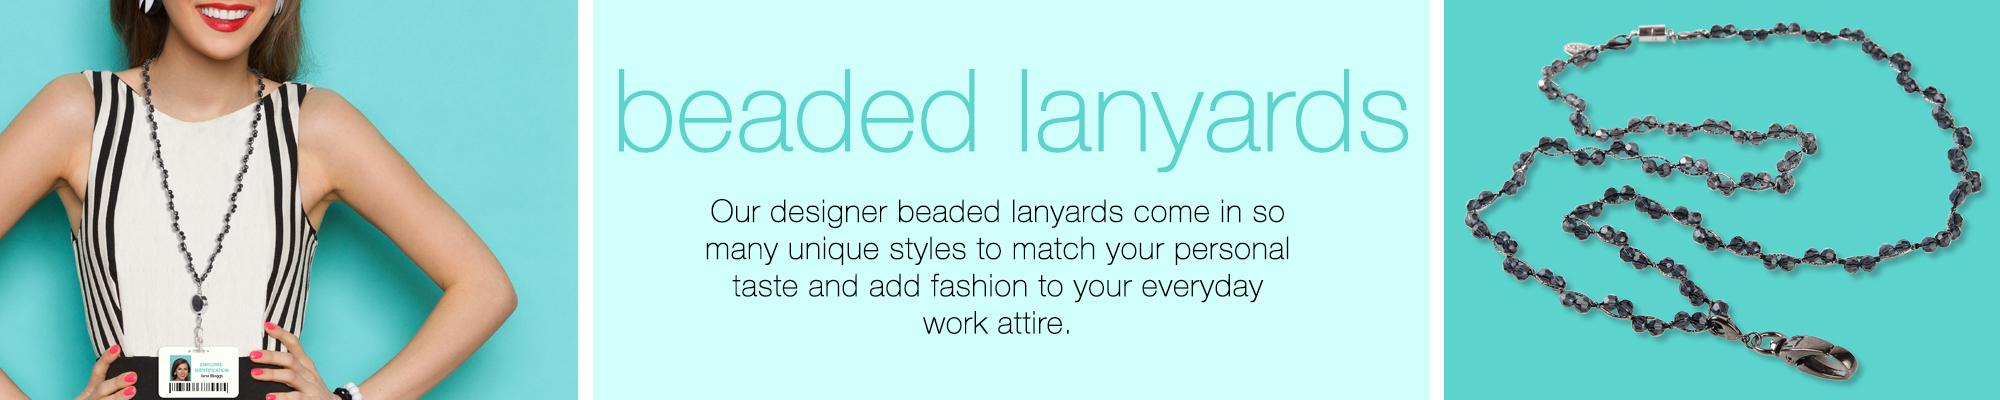 beaded-lanyards-hp-graphic-1.jpg